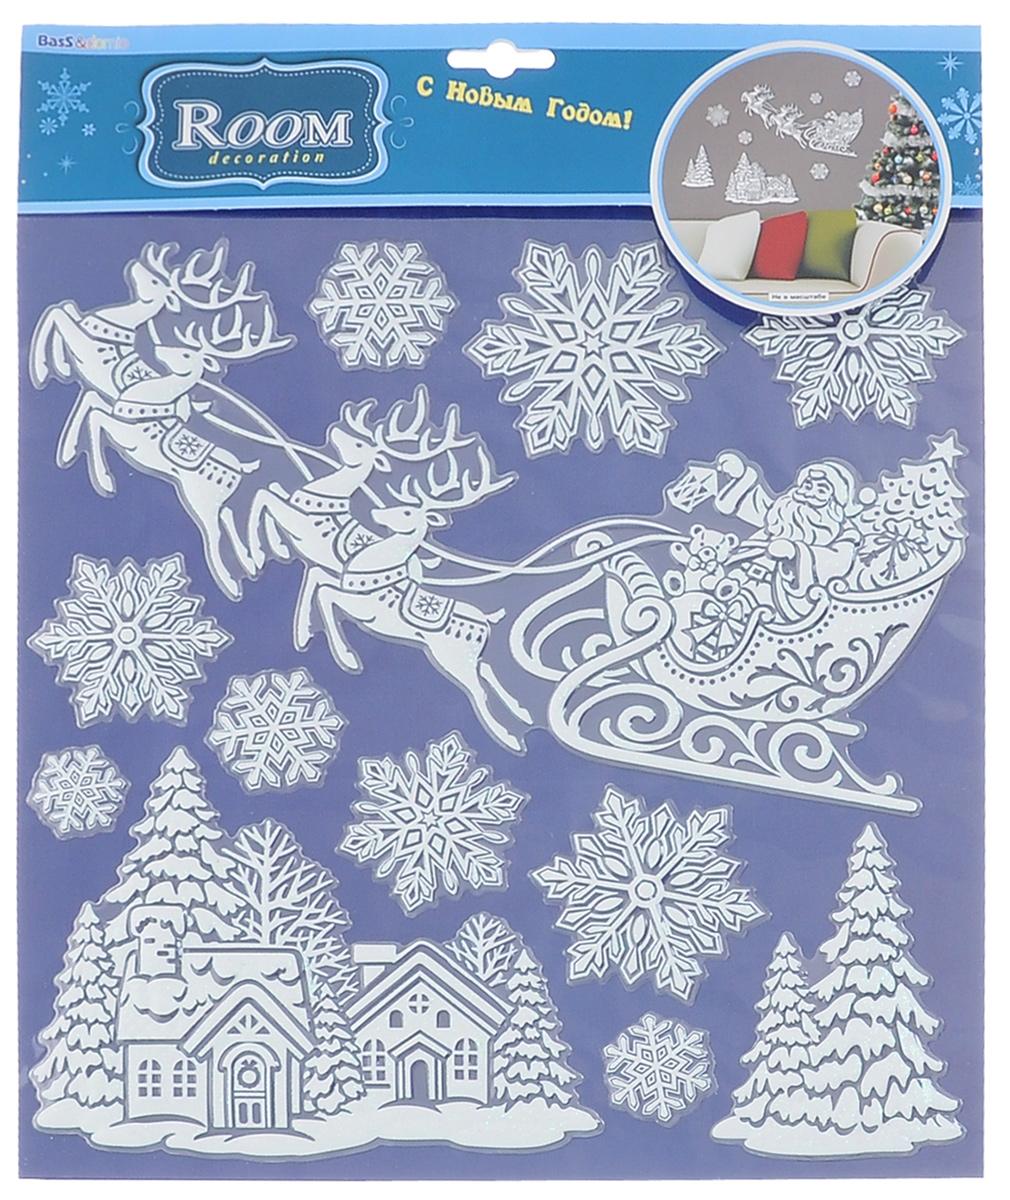 Наклейки для интерьера Room Decoration Спешащий Дед Мороз, объемные33738Наклейки для стен и предметов интерьера Room Decoration Спешащий Дед Мороз, изготовленные из самоклеящейся виниловой пленки, помогут украсить дом к предстоящим праздникам. Наклейки дадут вам вдохновение, которое изменит вашу жизнь и поможет погрузиться в мир ярких красок, фантазий и творчества. Для вас открываются безграничные возможности придумать оригинальный дизайн и придать новый вид стенам и мебели. Наклейки абсолютно безопасны для здоровья. Они быстро и легко наклеиваются на любые ровные поверхности: стены, окна, двери, стекла, мебель. При необходимости удобно снимаются, не оставляют следов. Наклейки Room Decoration Спешащий Дед Мороз помогут вам изменить интерьер вокруг себя: в детской комнате и гостиной, на кухне и в прихожей, витрину кафе и магазина, детский садик и офис.Размер листа: 30,5 см х 31,5 см.Количество наклеек на листе: 12 шт.Размер самой большой наклейки: 29 см х 16 см.Размер самой маленькой наклейки: 3,3 см х 3,3 см.